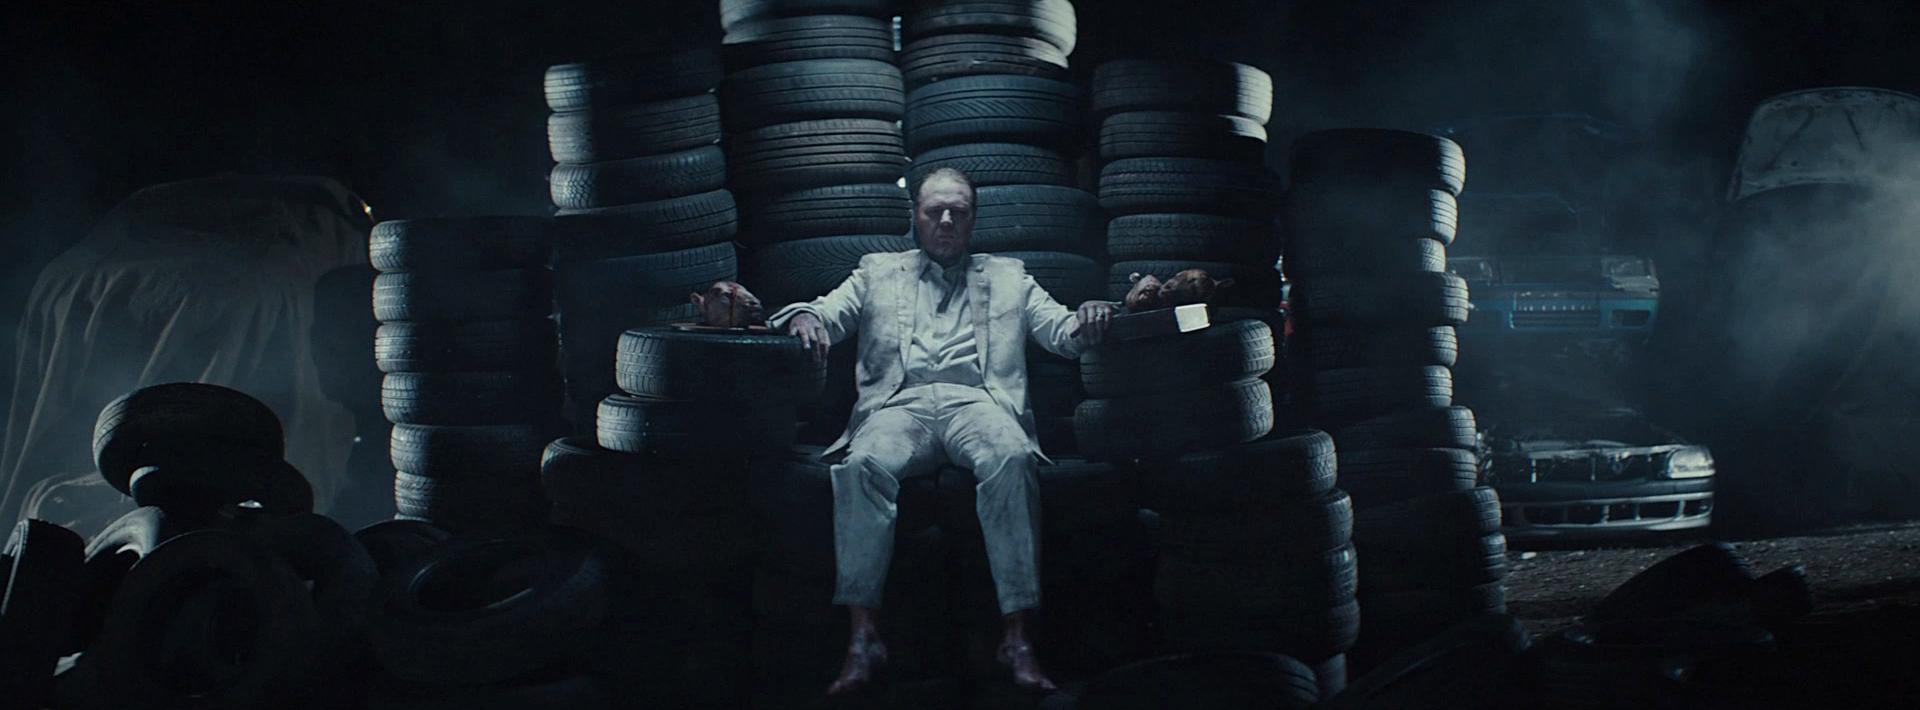 Guy Soulsby Channels His Inner Demon for 'Devil Makes Work' Short